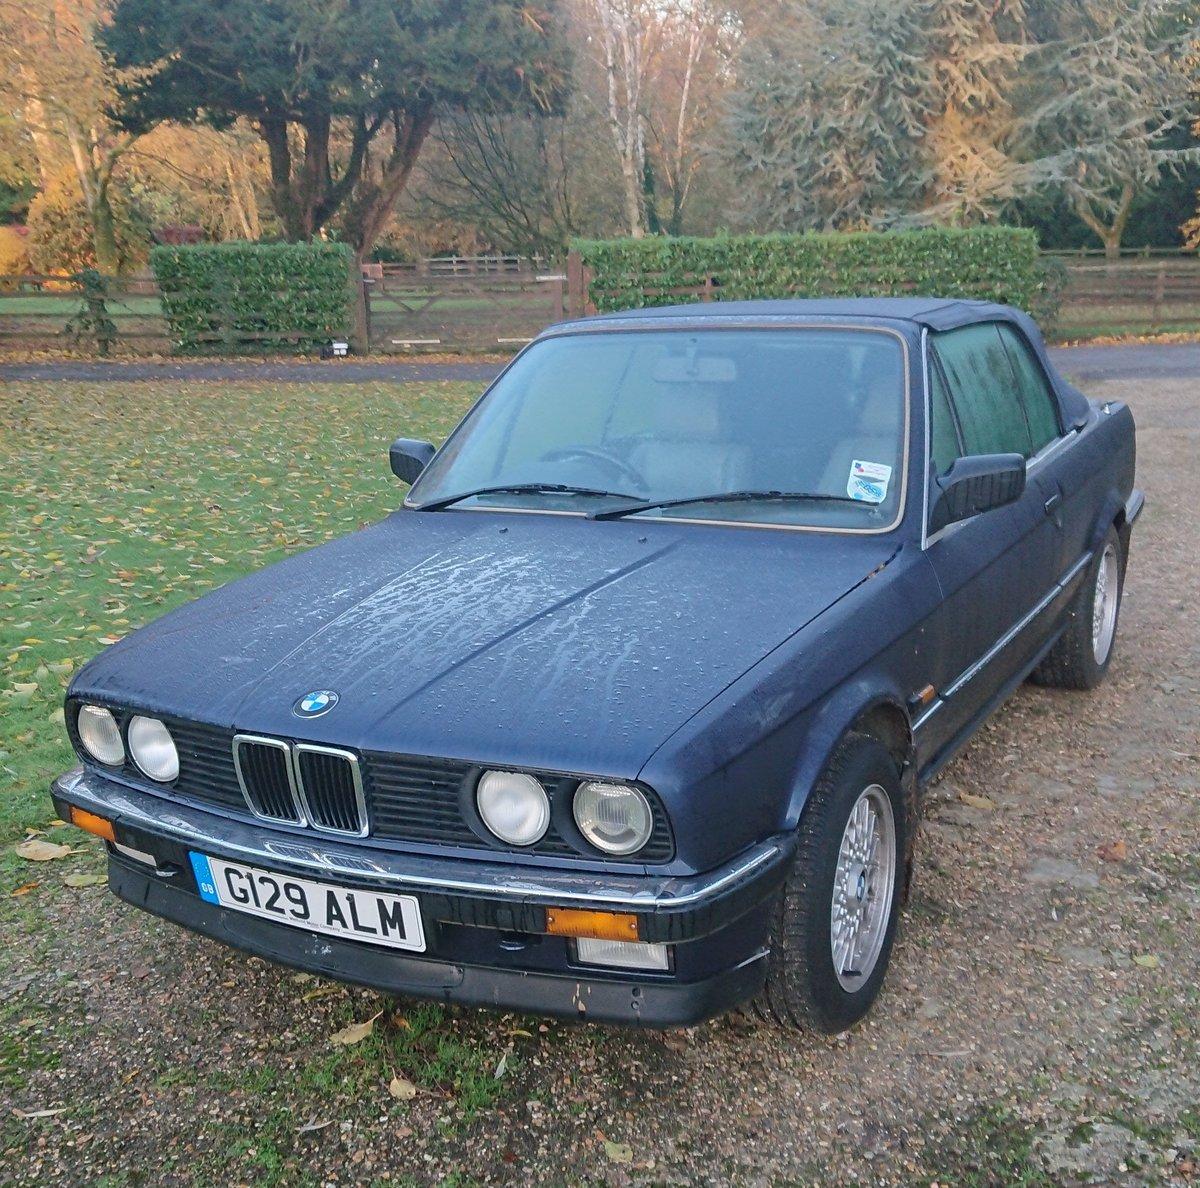 1990 BMW E30 320i Convertible Auto Royalblau Metalic For Sale (picture 1 of 6)